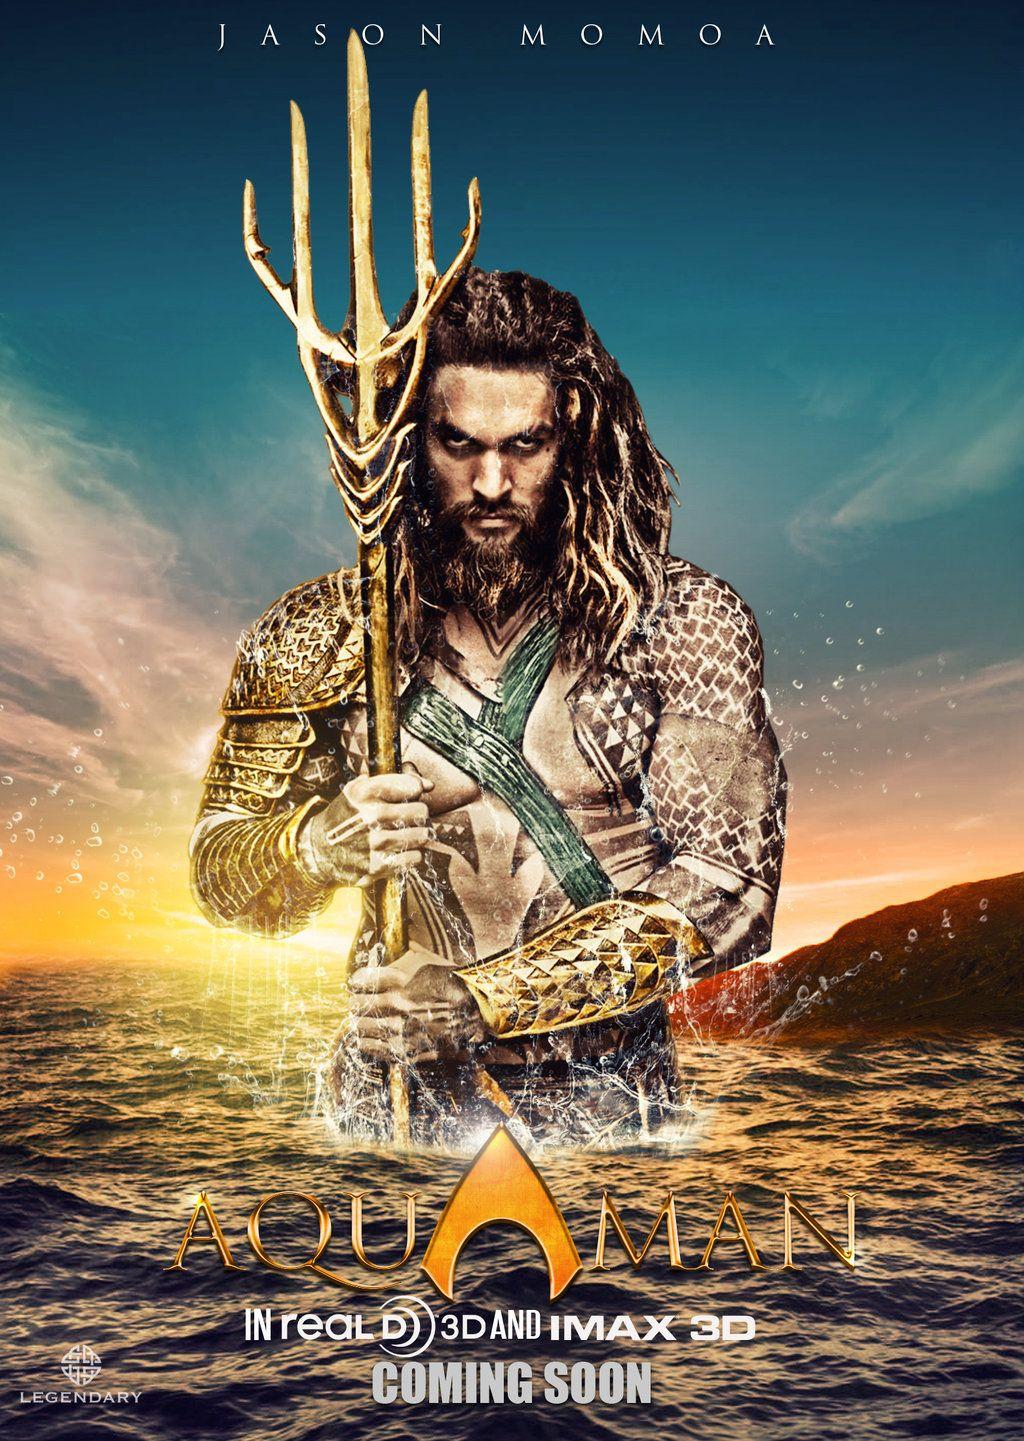 Filme Aquaman Filmes Online Completos E Dublados Hd Filmes